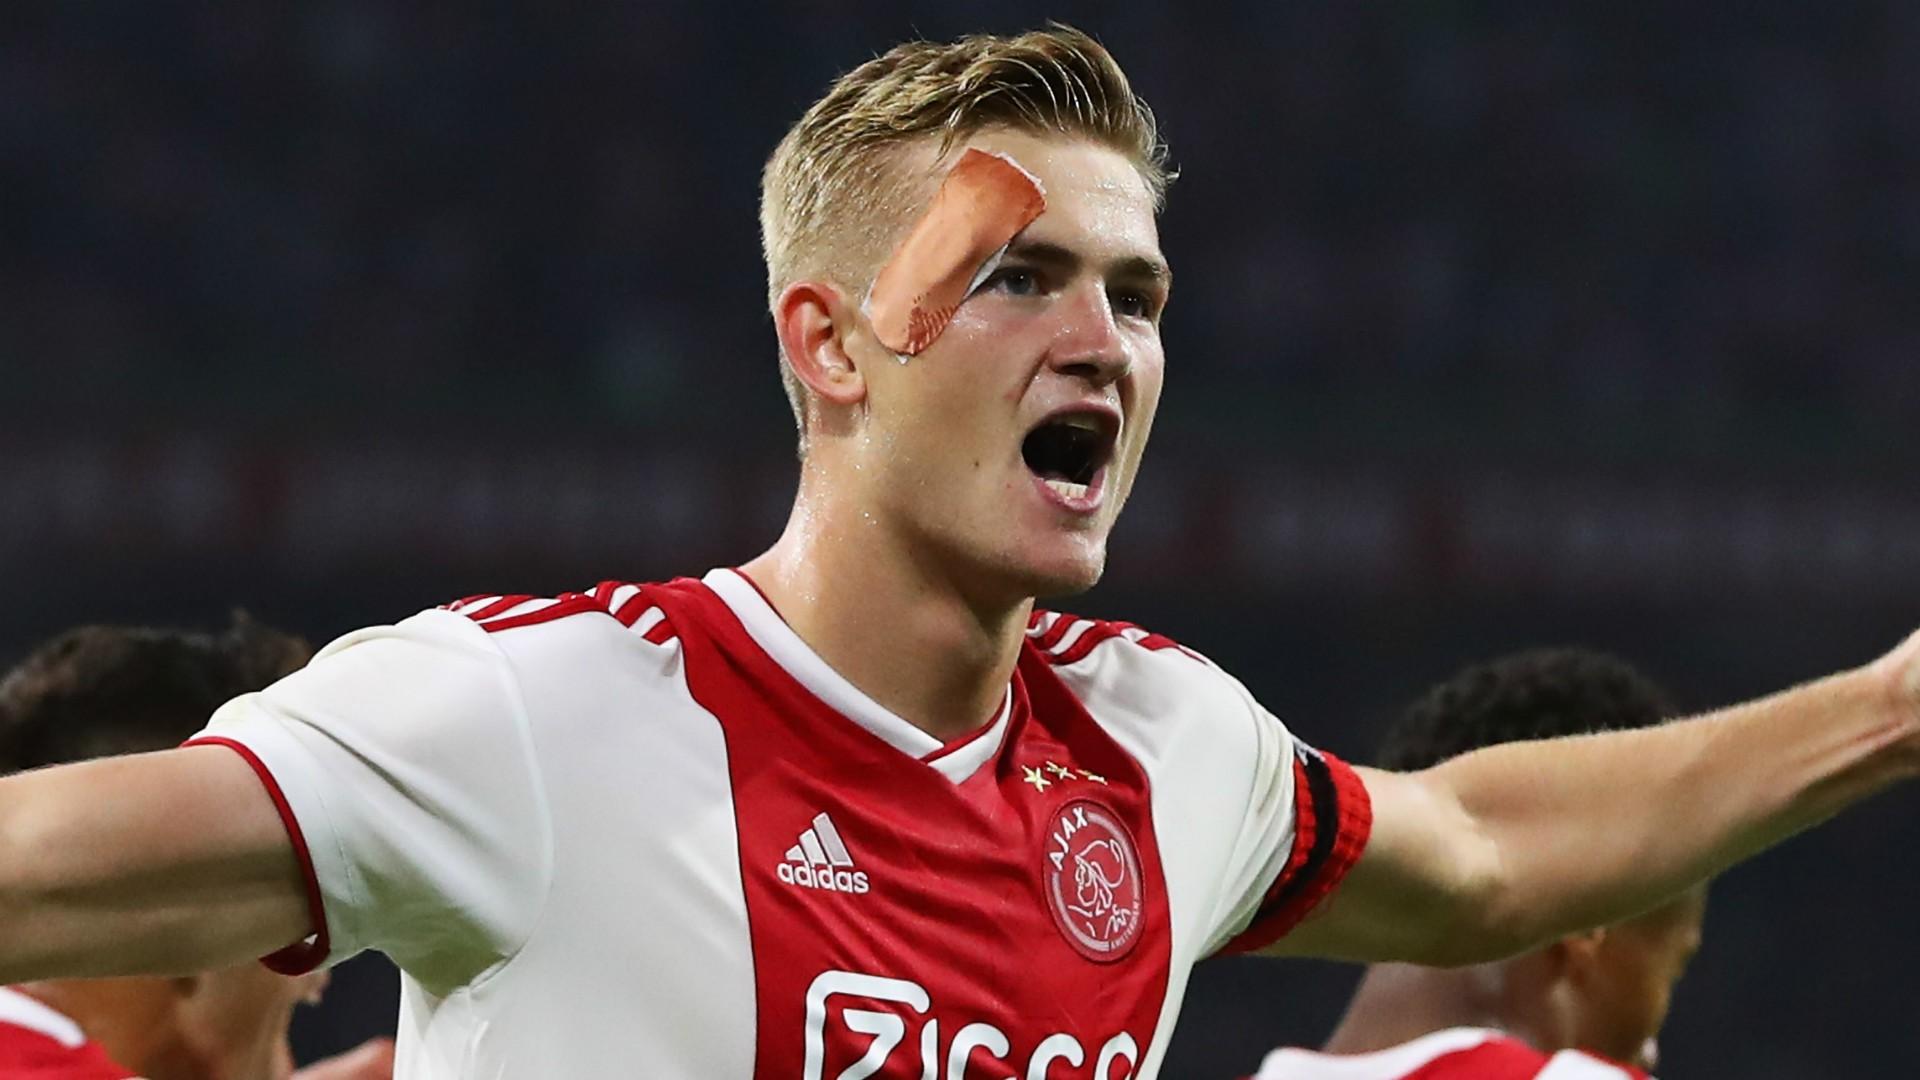 Đội trưởng 19 tuổi đẹp trai như thiên thần của Ajax pose hình cực cute trong album kỷ niệm vô địch Hà Lan - Ảnh 8.